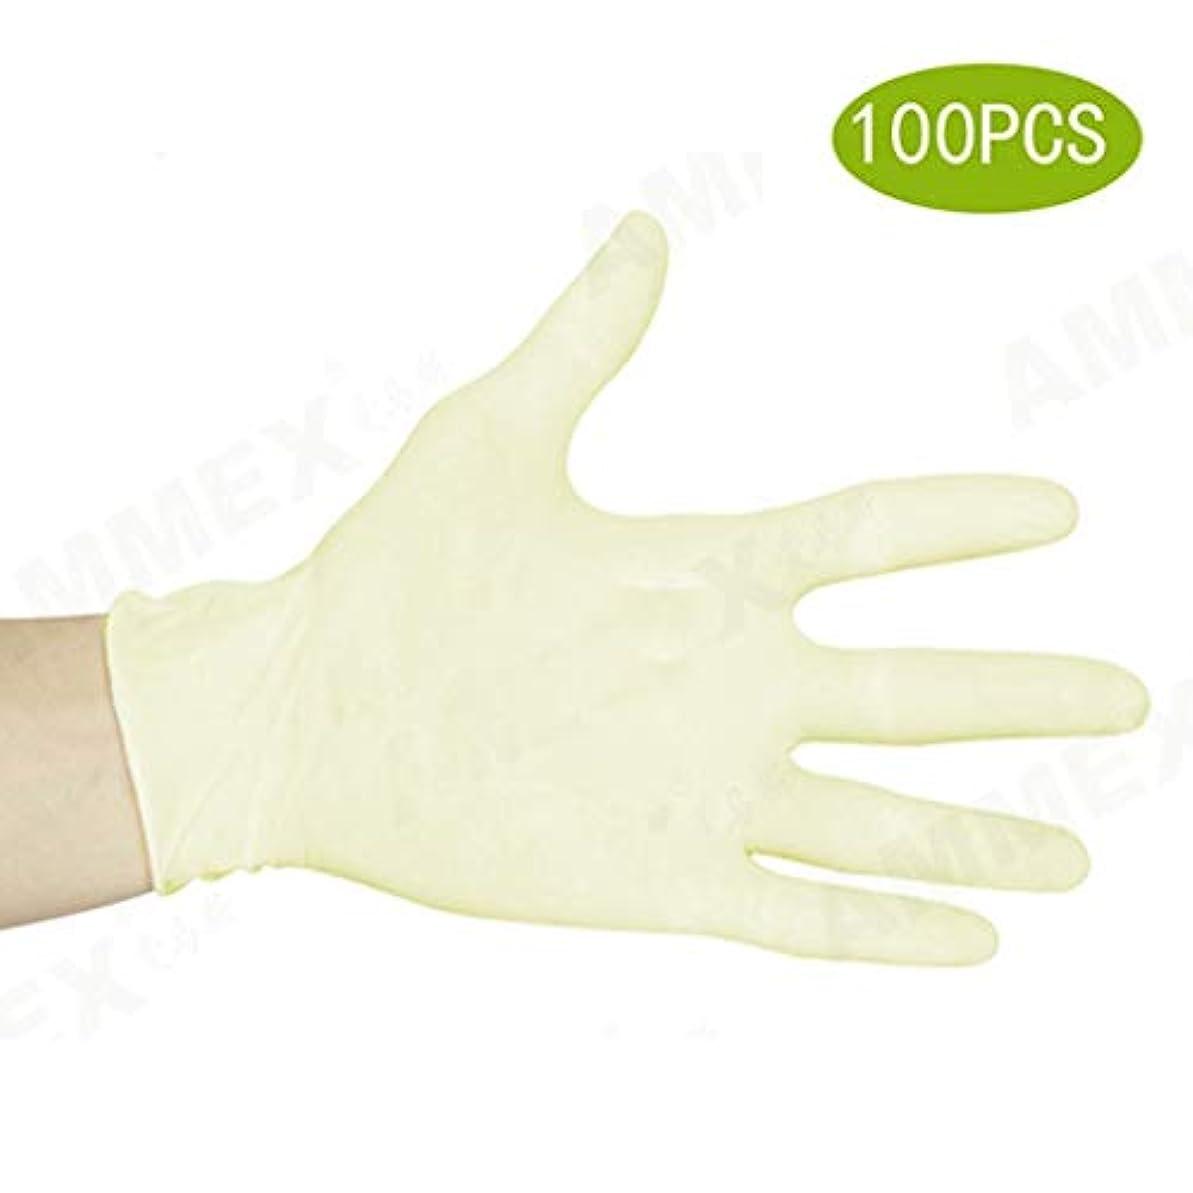 フルーツ野菜麺不良品ニトリル手袋、パウダーフリー、ラテックスゴムフリー、使い捨て手袋 - 非滅菌、食品安全、医療用グレード、100の便利なディスペンサーパック、ビニール手袋(エクストラストレングス) (Color : Latex Gloves...